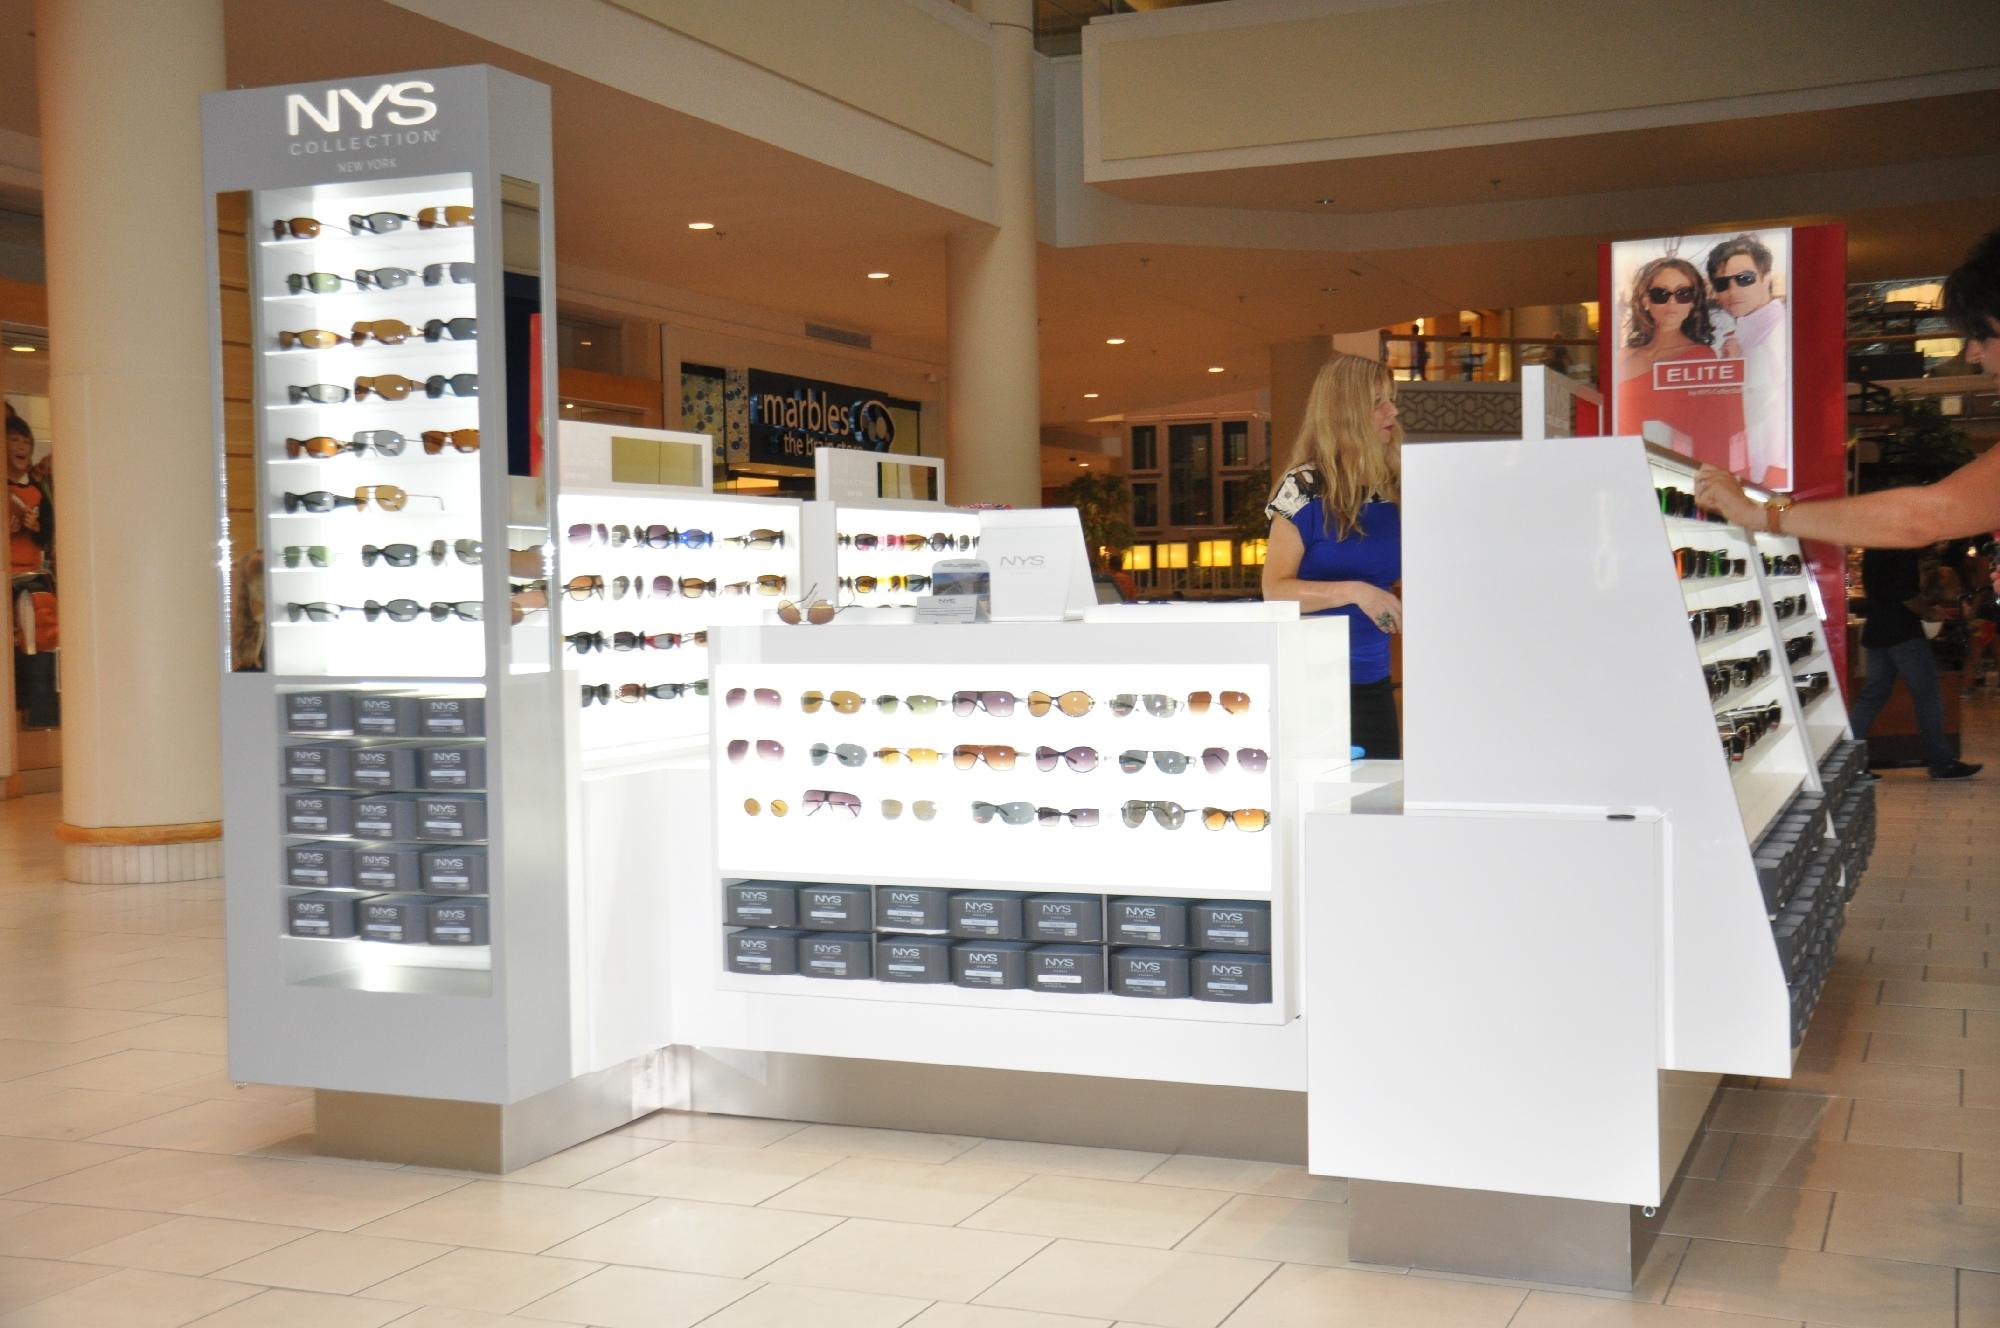 NYS KIOSK Freehold Mall 2012 072__54.jpg